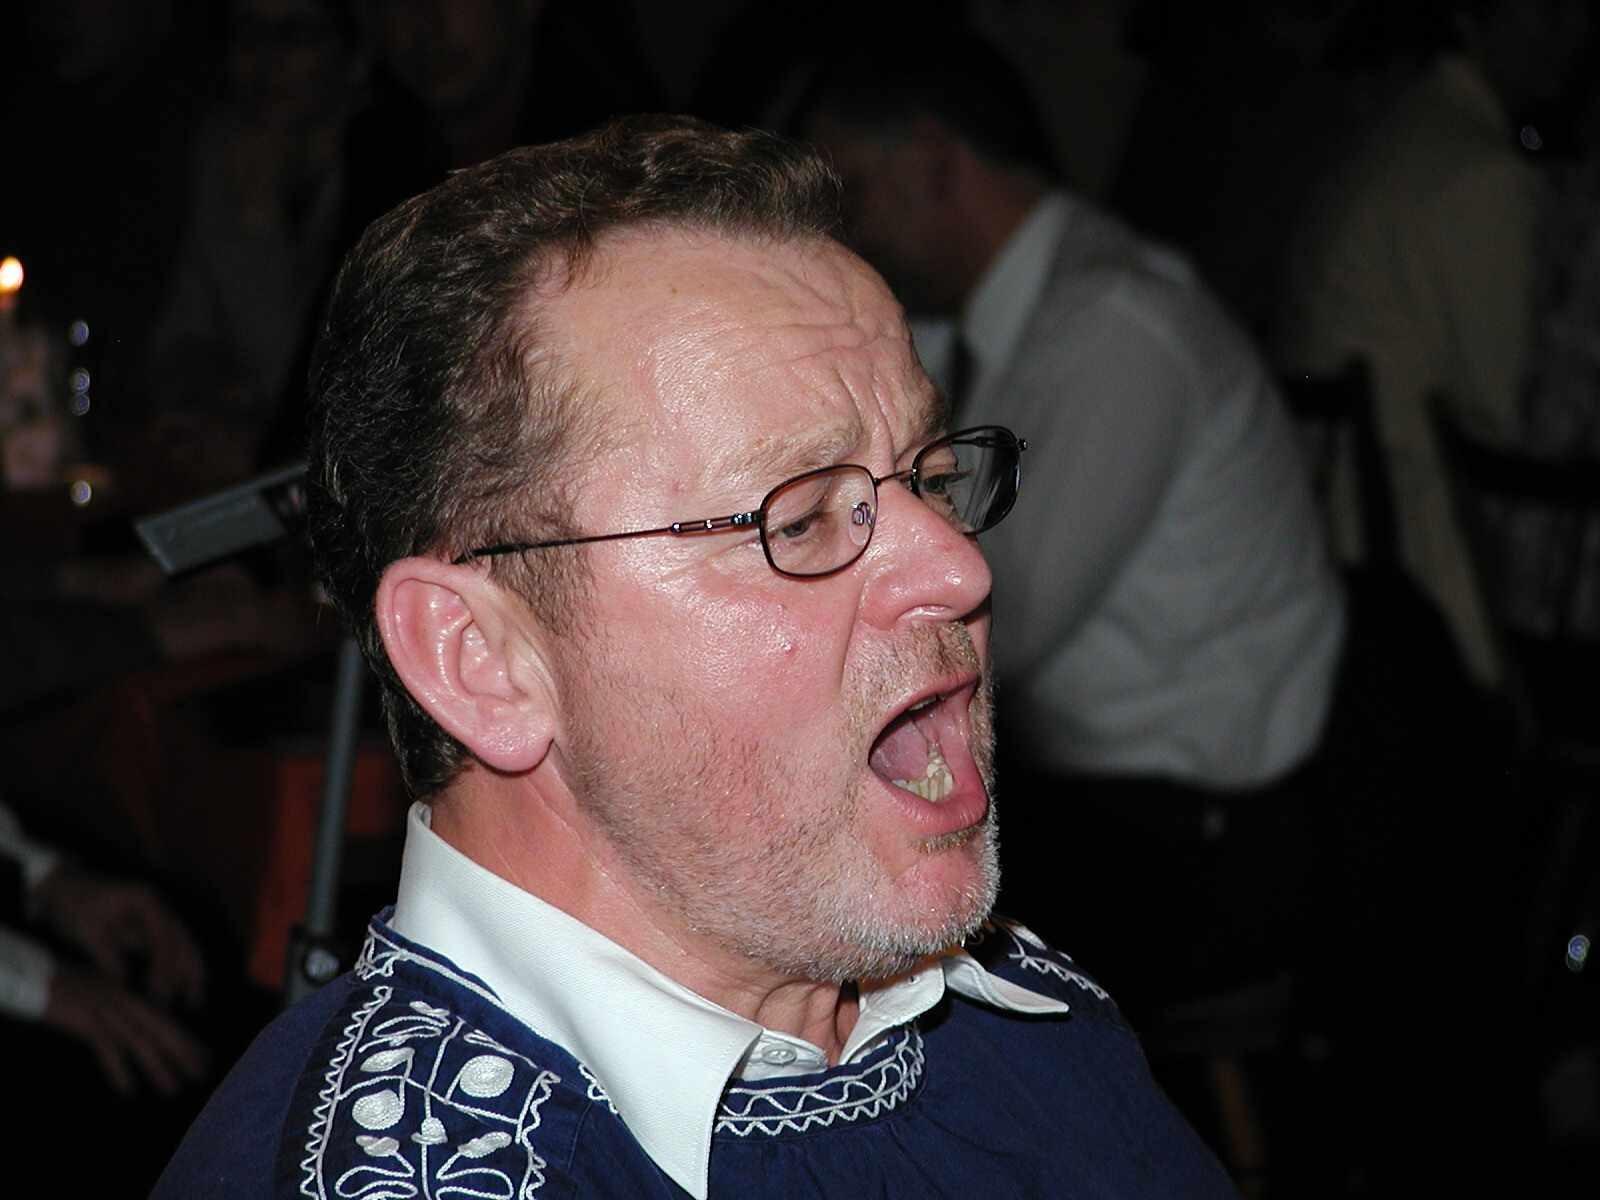 Kurt Rapp: Gesang ist sein Leben, und manches Gedicht weiß er gekonnt vorzutragen.